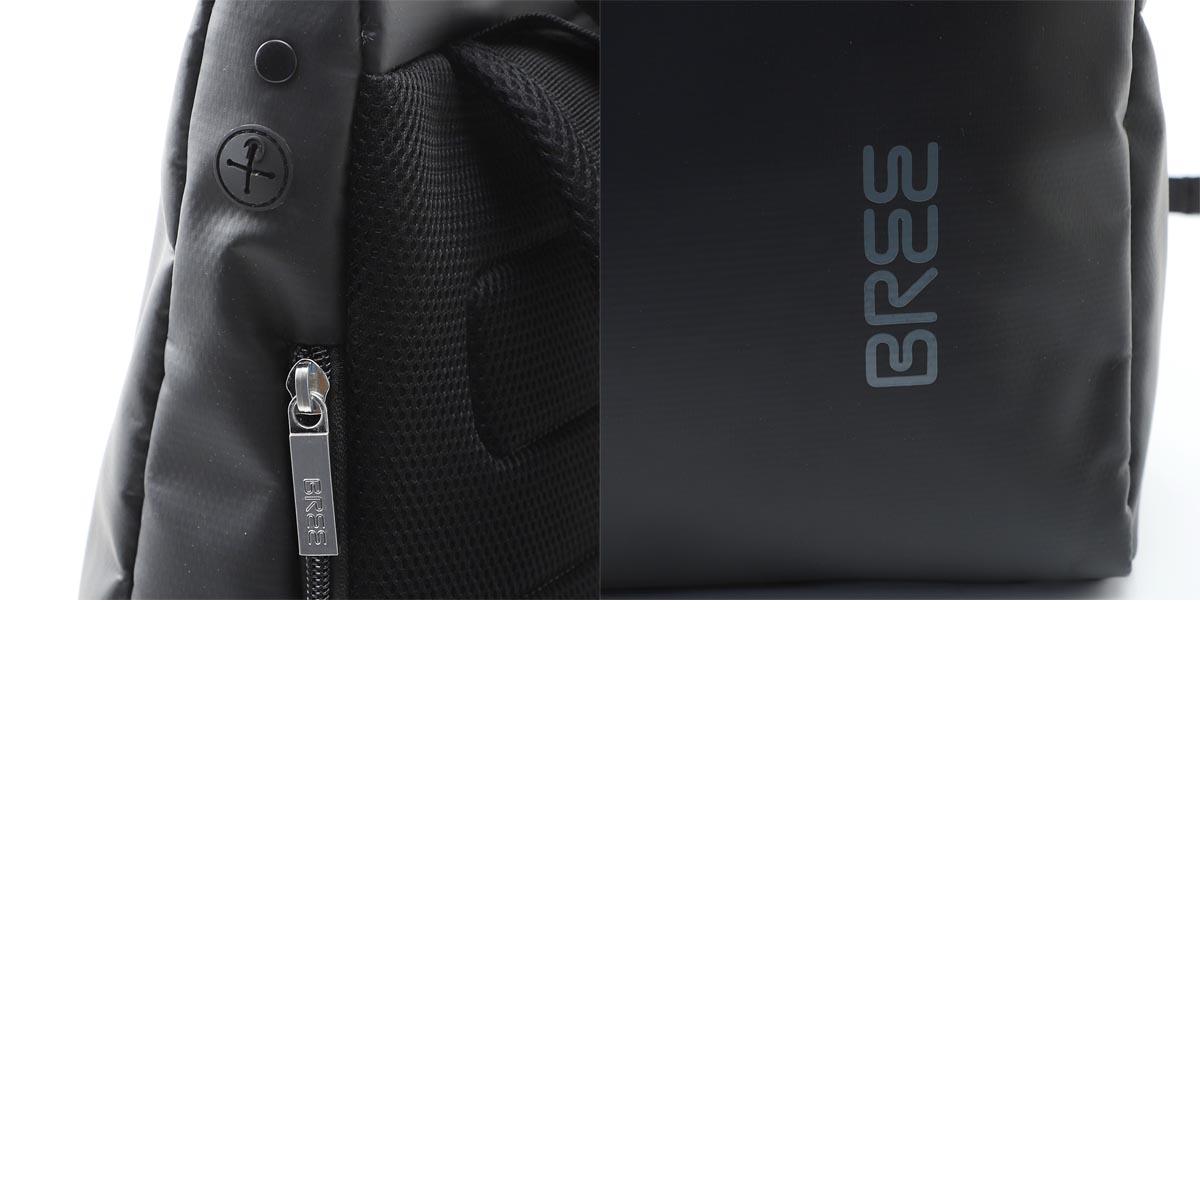 BREE ブリー バックパック/トートバッグ 2WAY/PUNCH732 メンズ